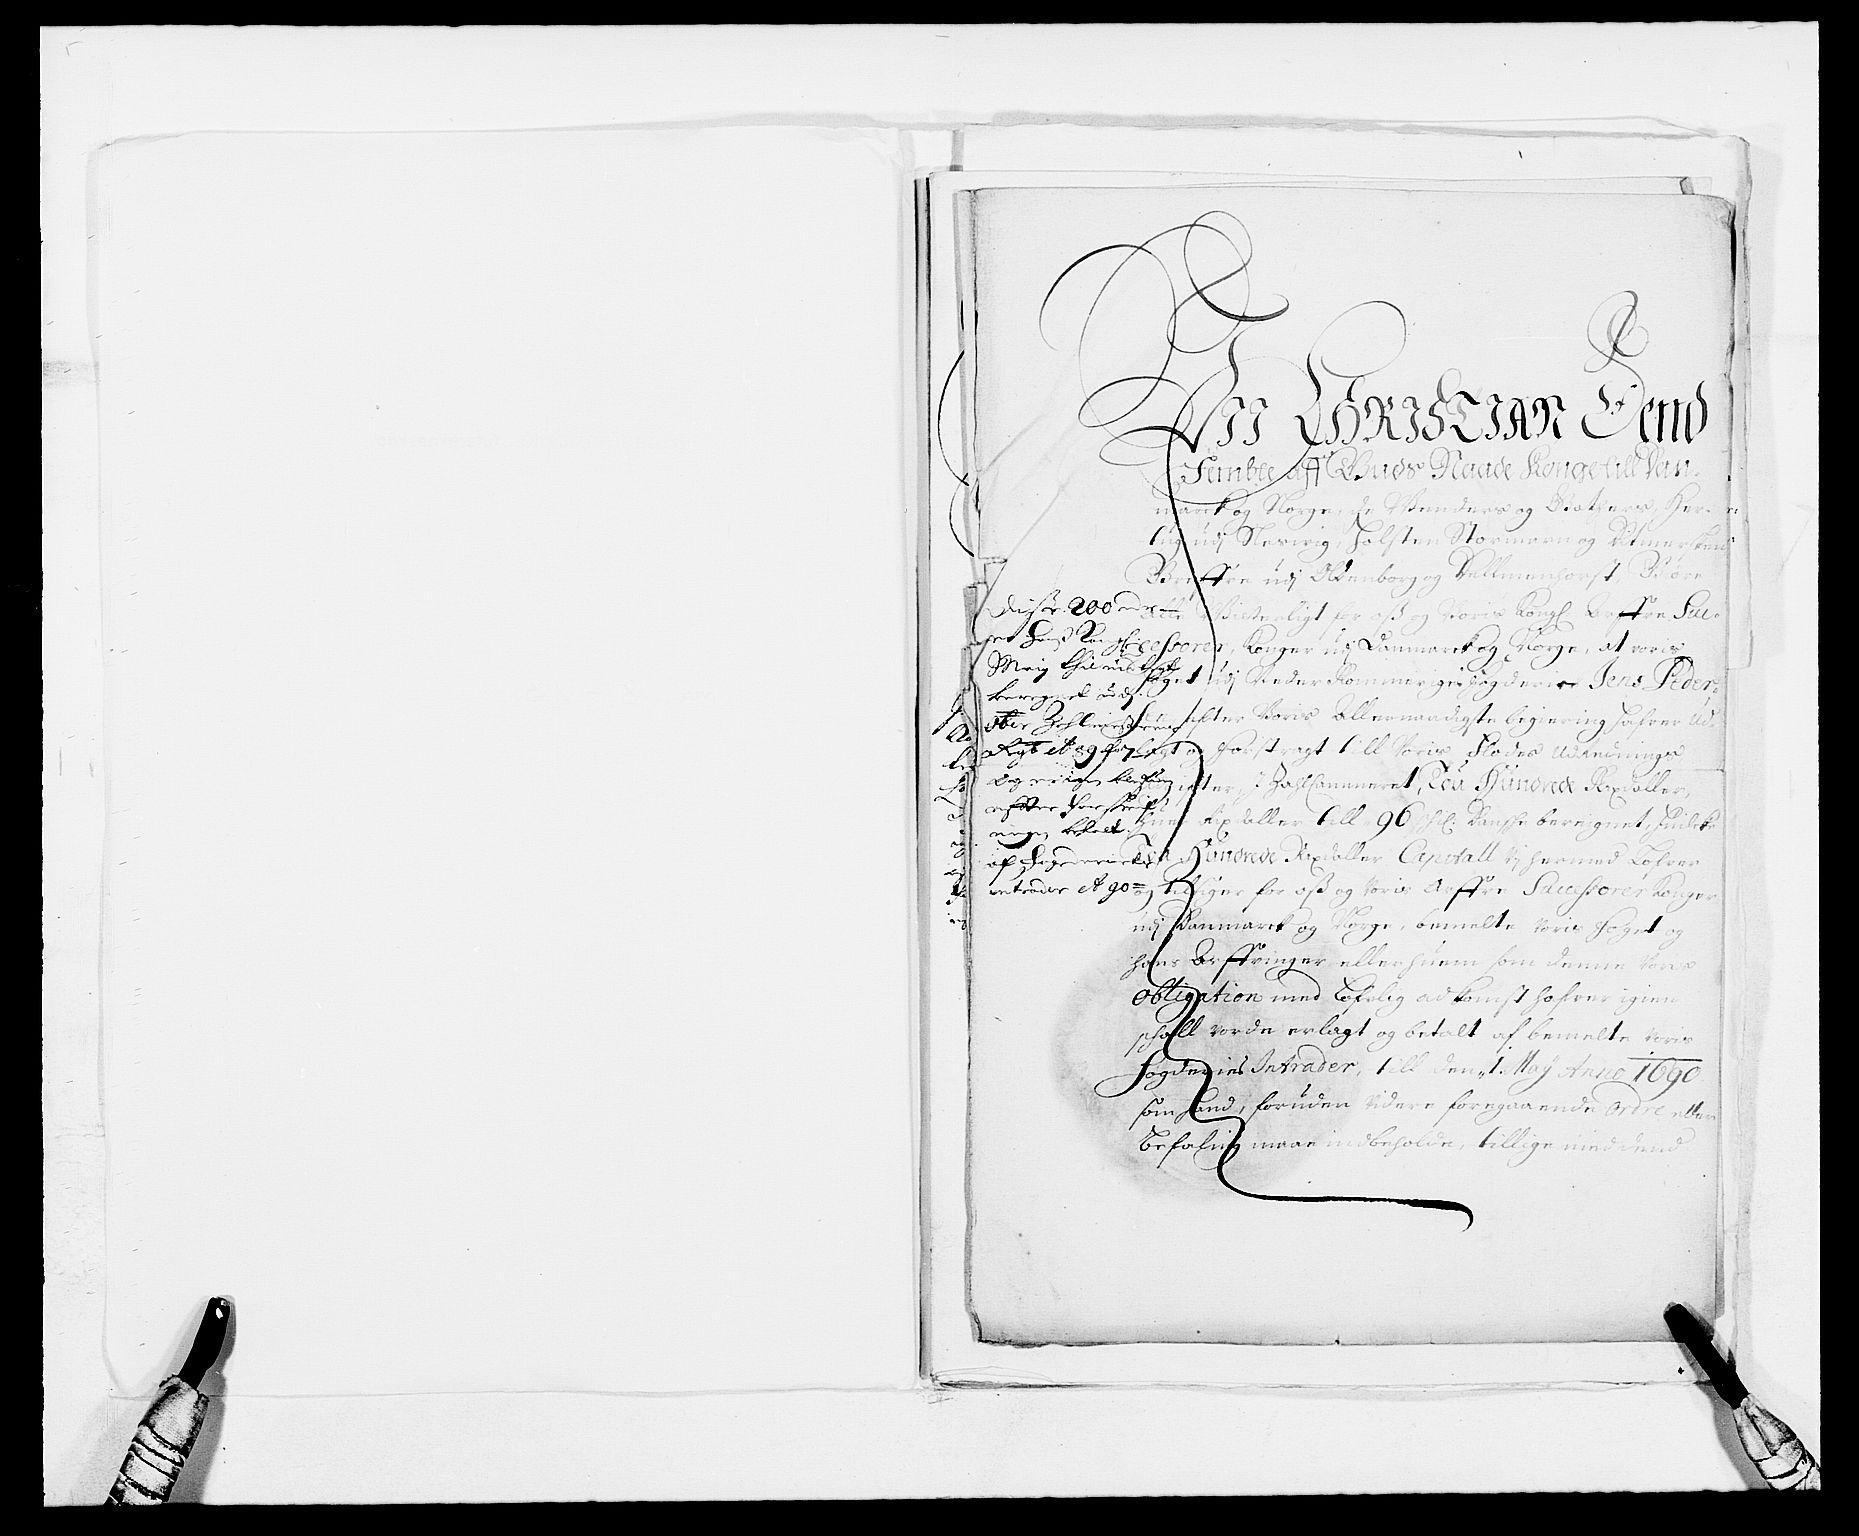 RA, Rentekammeret inntil 1814, Reviderte regnskaper, Fogderegnskap, R11/L0574: Fogderegnskap Nedre Romerike, 1689-1690, s. 452